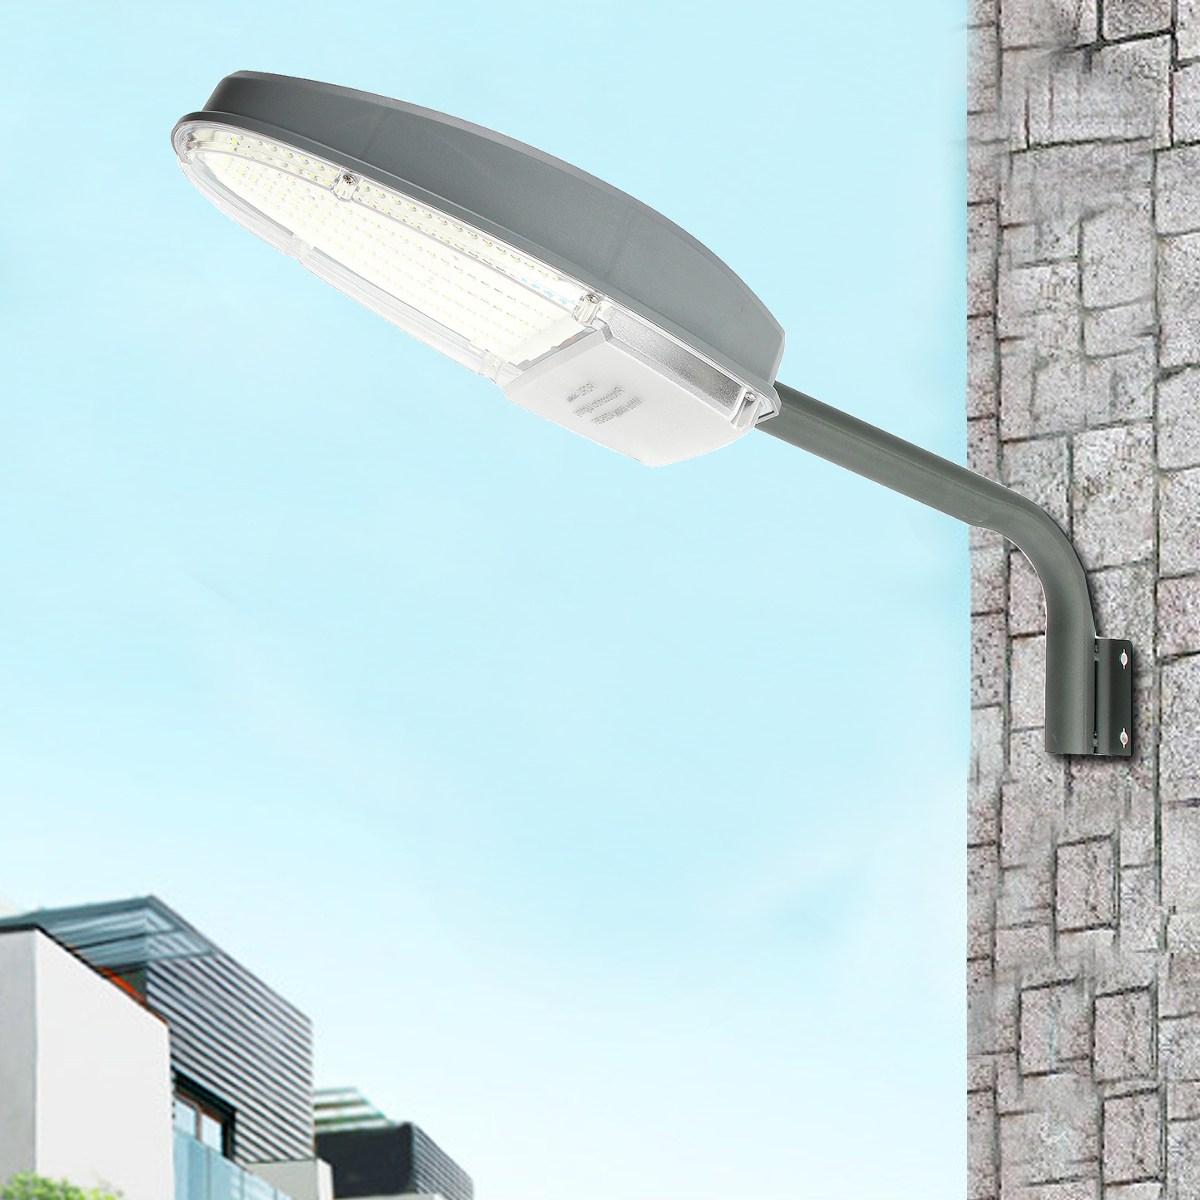 Licht & Beleuchtung 30 Watt Licht Sensor 2400lm 144 Led-straßenleuchte Garten Straße Licht Im Freien Wasserdichte Wand Sicherheit Lampe Ac85-265v Mit Montage Arm GroßE Sorten Straßenlampen